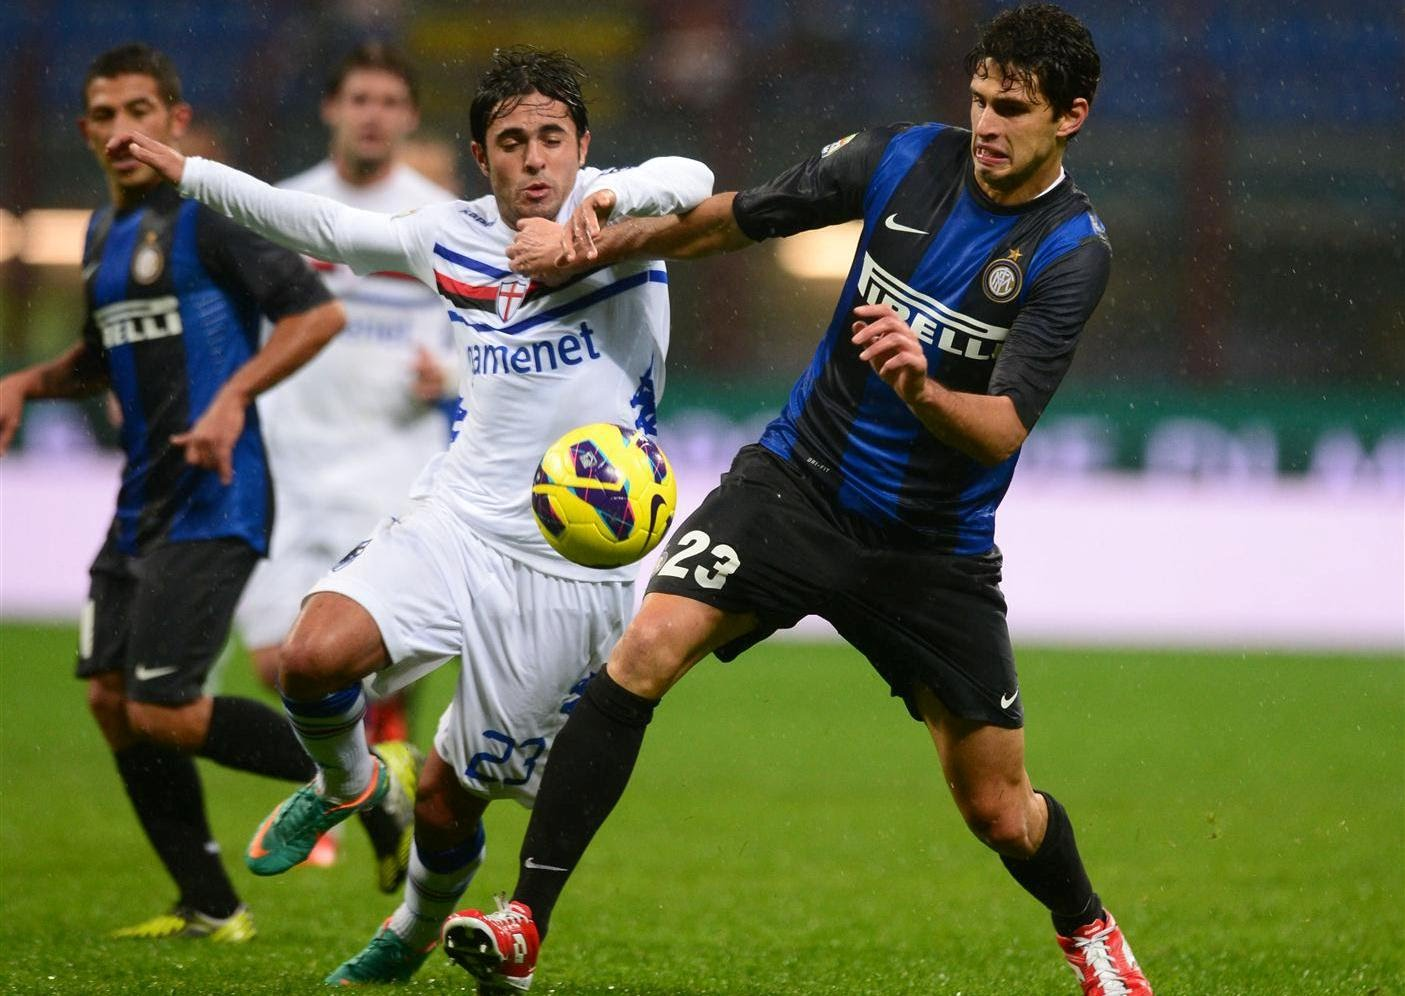 نتيجة مباراة انتر ميلان وسامبدوريا بتاريخ 28-09-2019 الدوري الايطالي